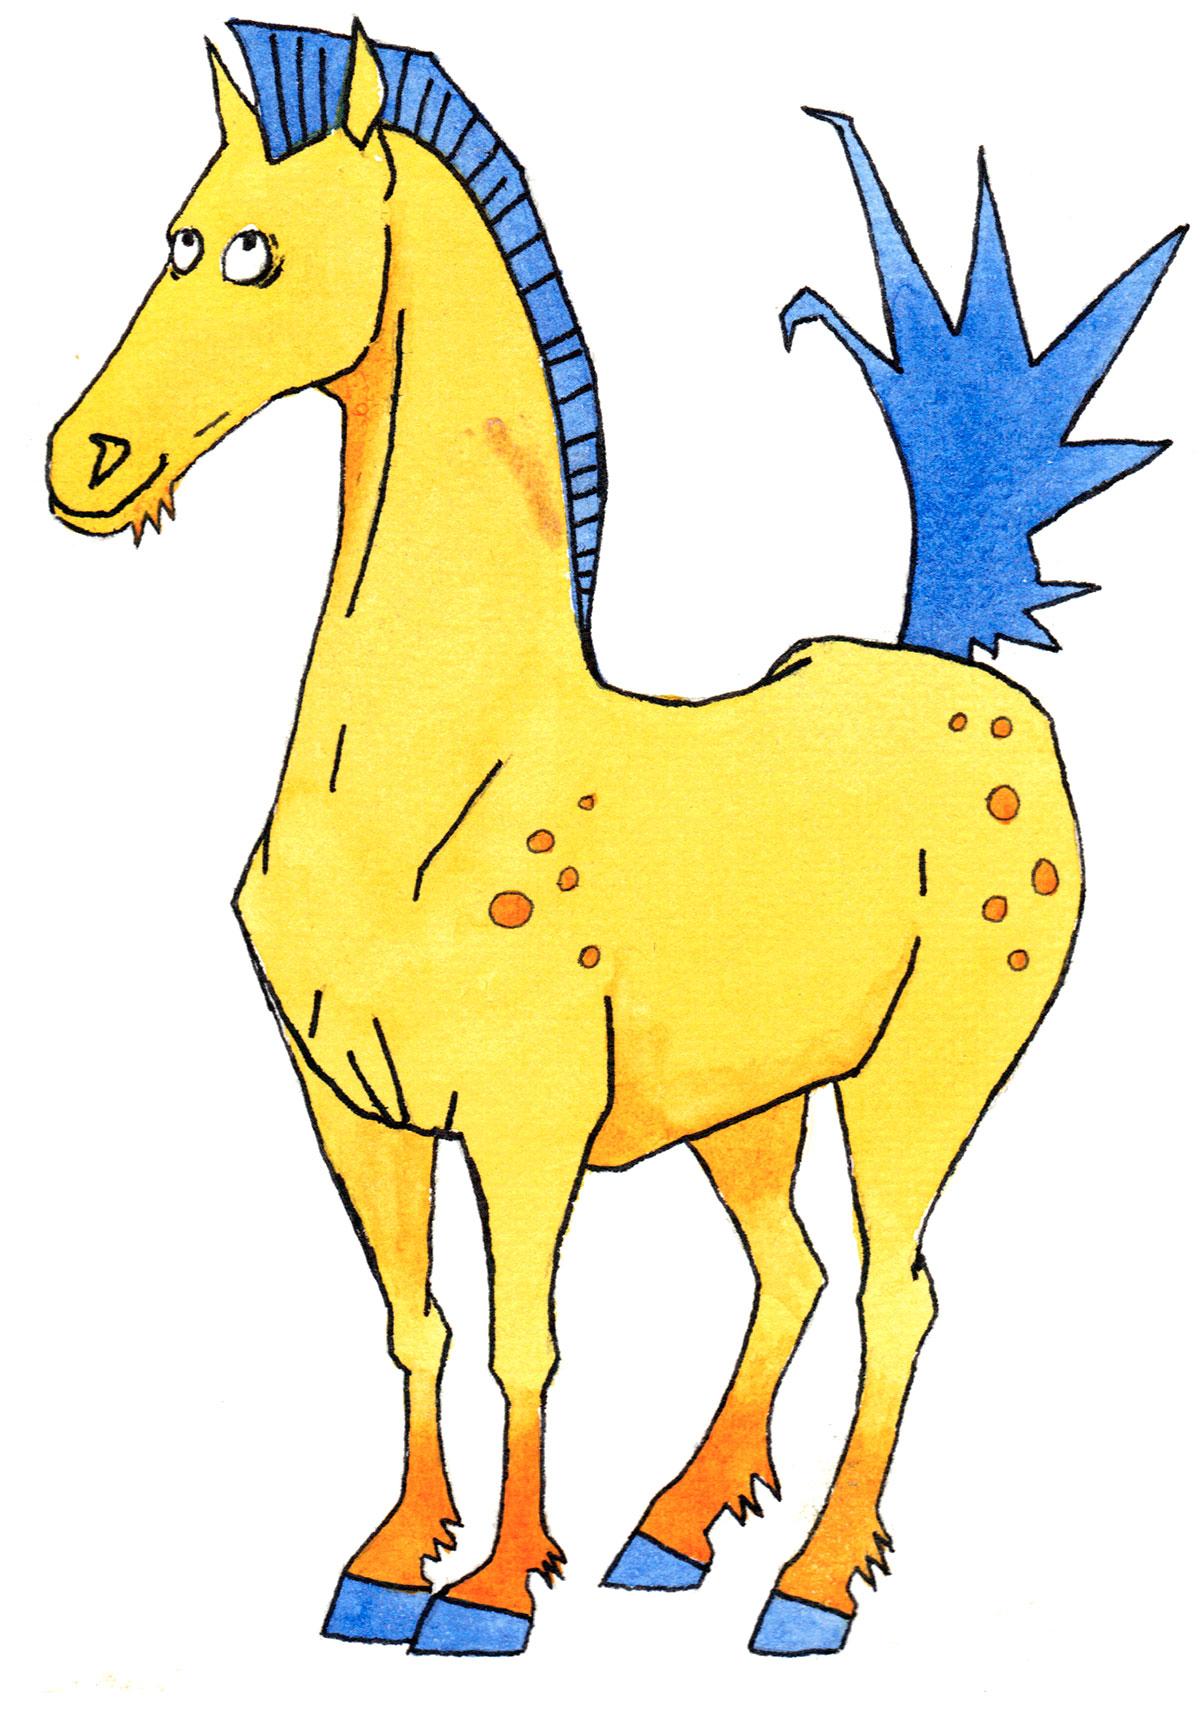 Chinesische Tierzeichen - Das Pferd